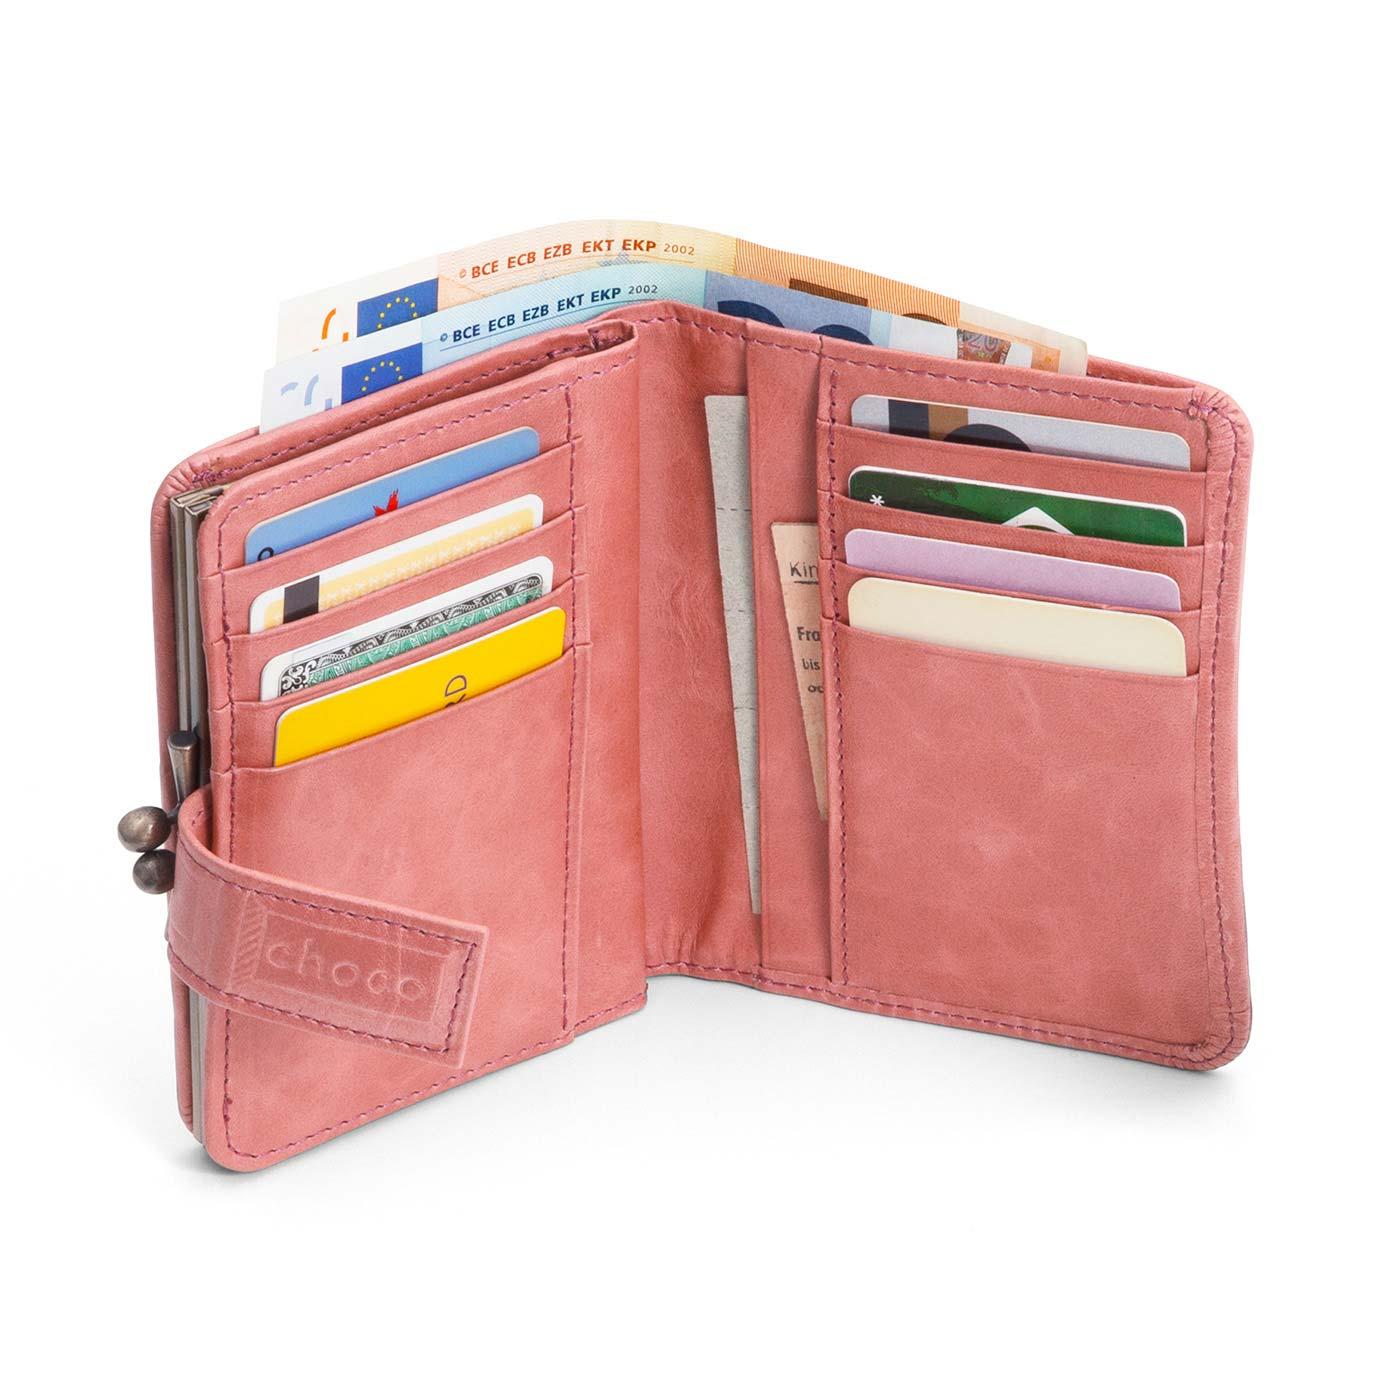 がま口で小銭の出し入れスムーズ! カード8枚と2つのポケットで収納も充実。 ミニバッグにも収まるサイズ。かわいいカラーもうれしい!